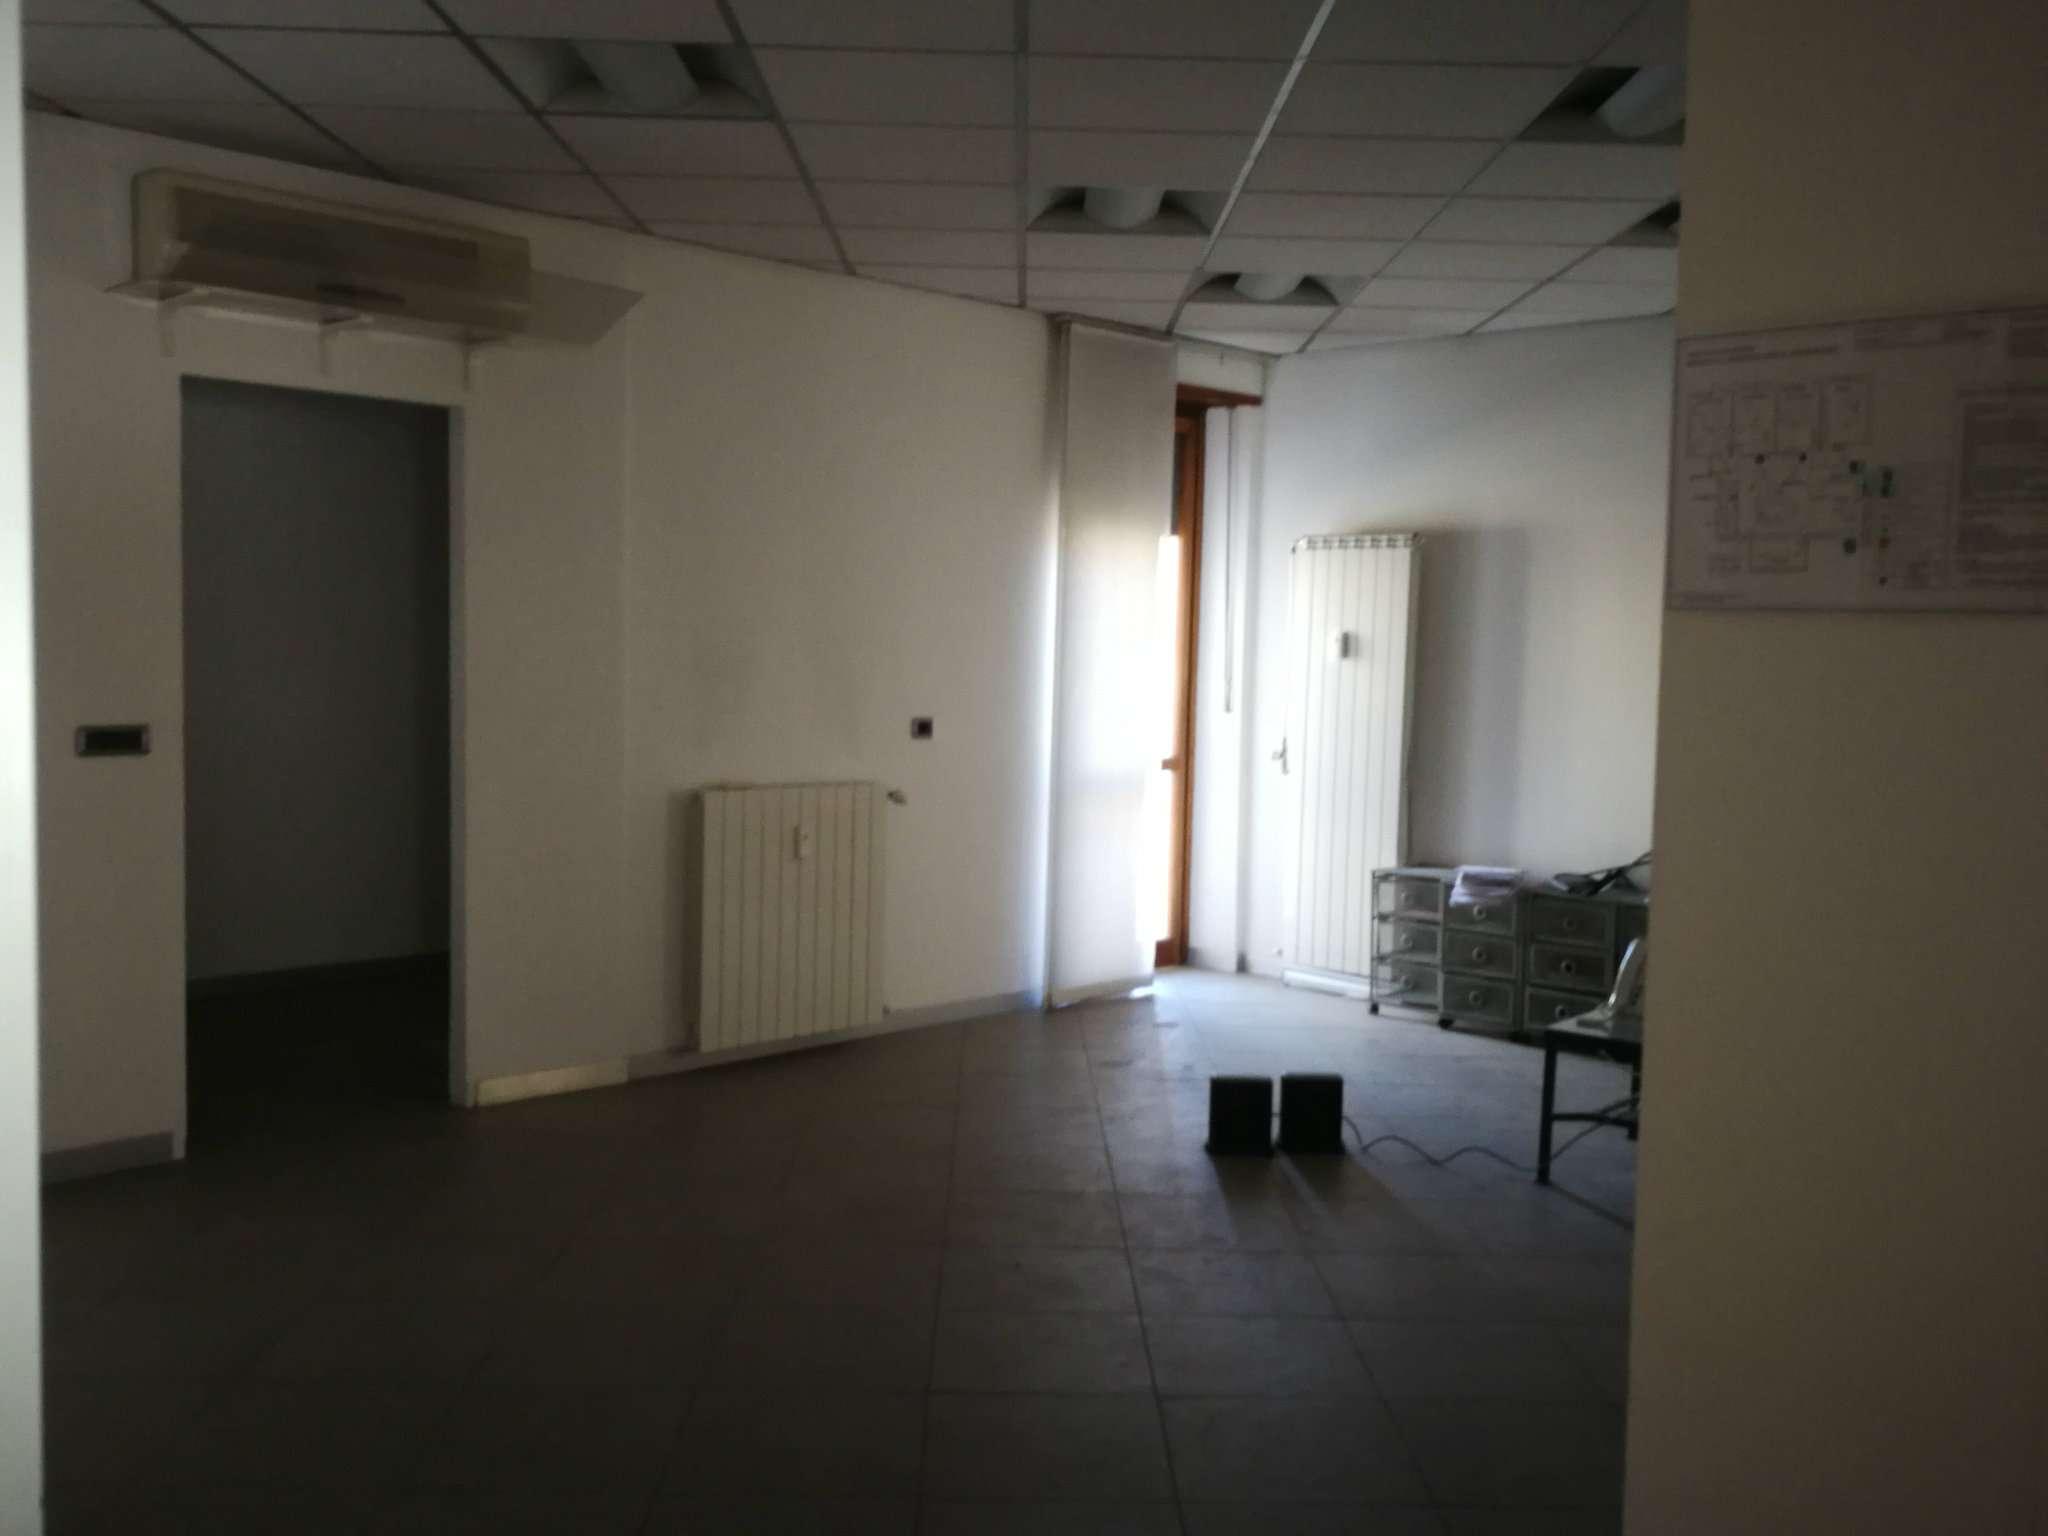 Ufficio in affitto via martiri della liberta 4 Moncalieri